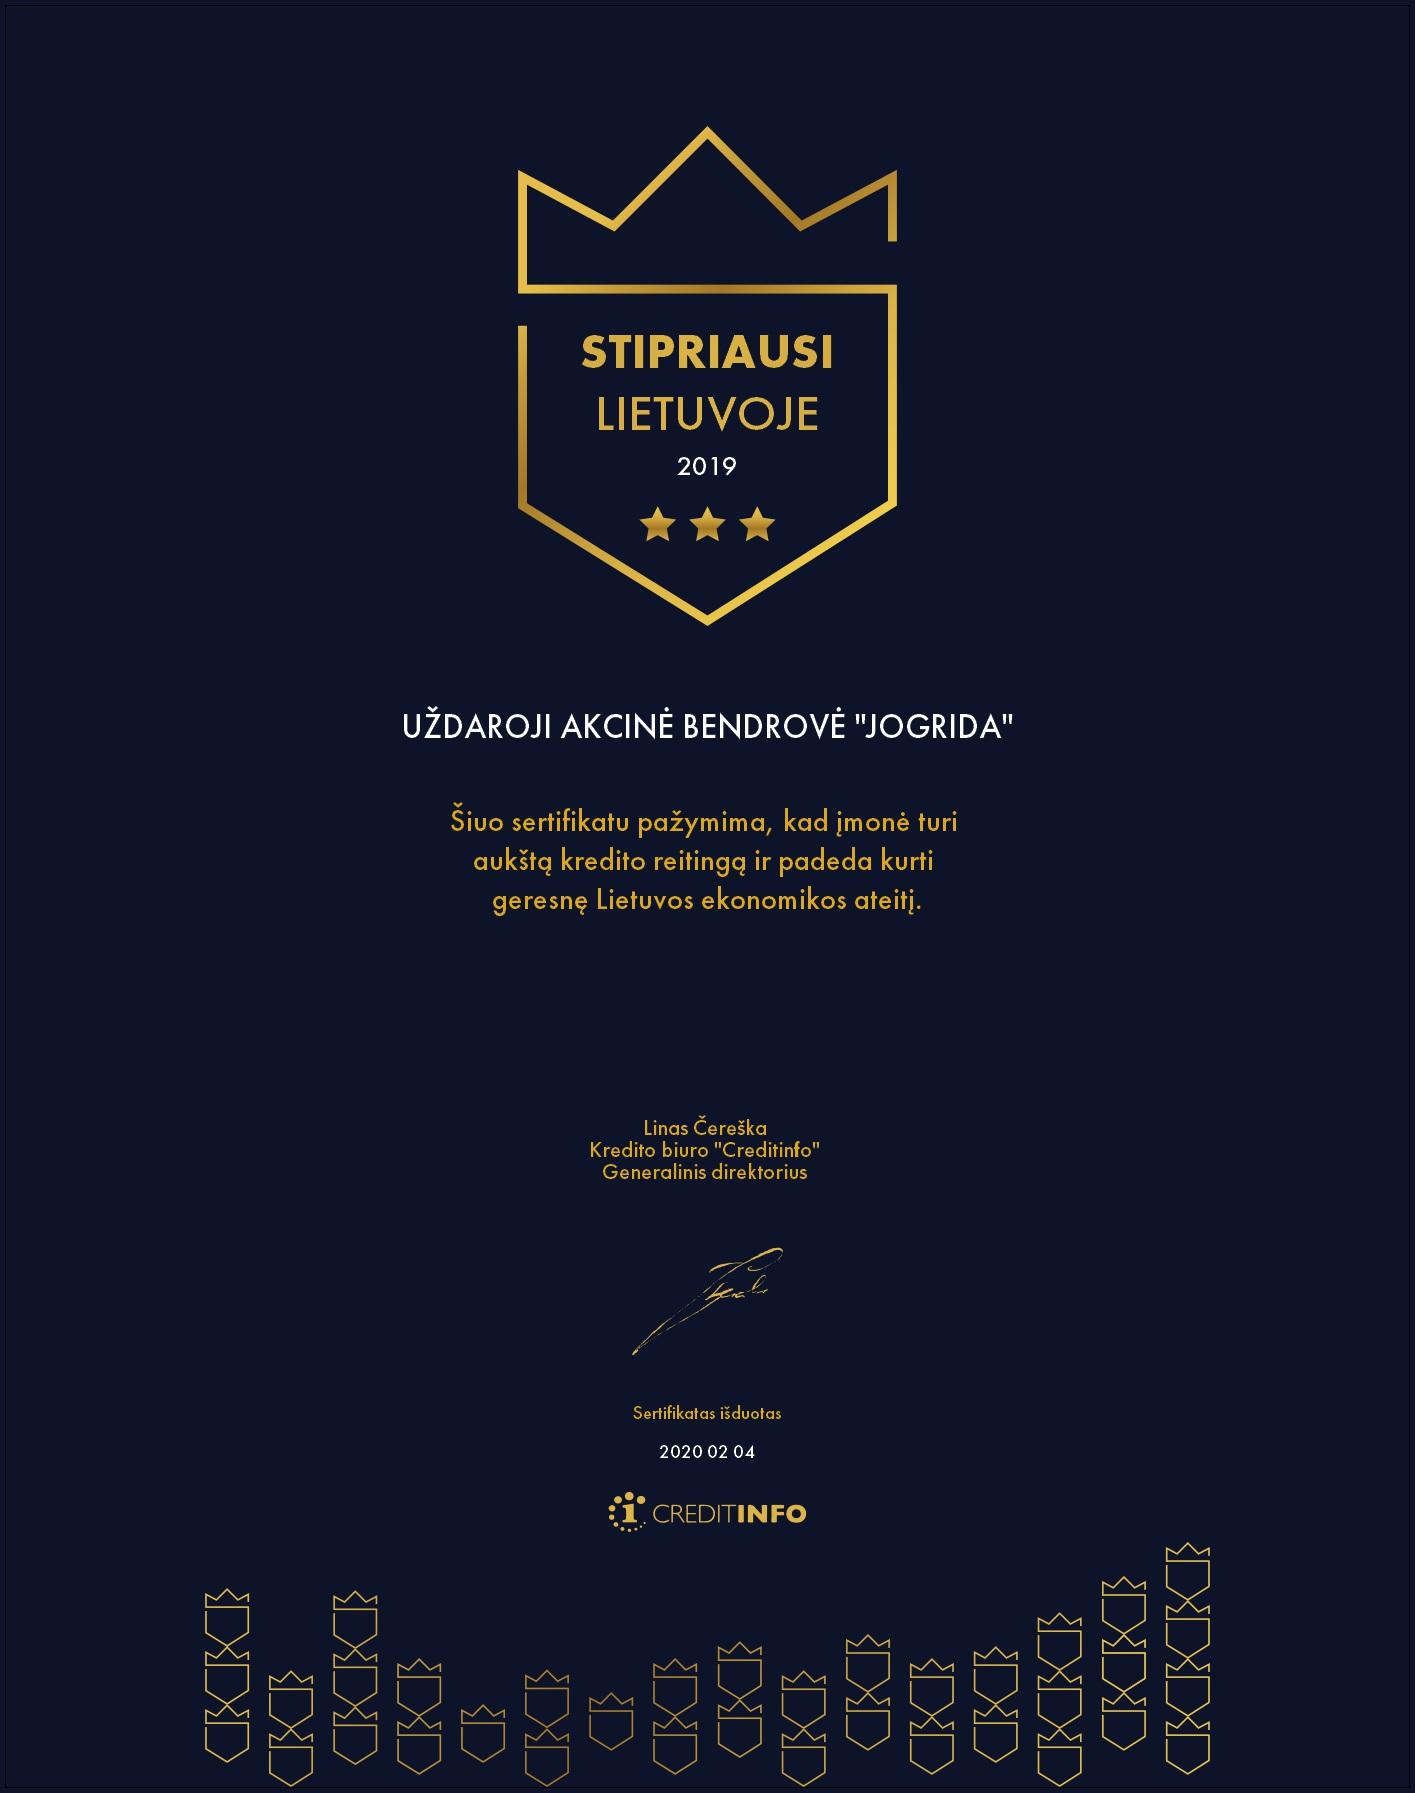 UAB-Jogrida-verslo-stabilumoivertinimas-2019